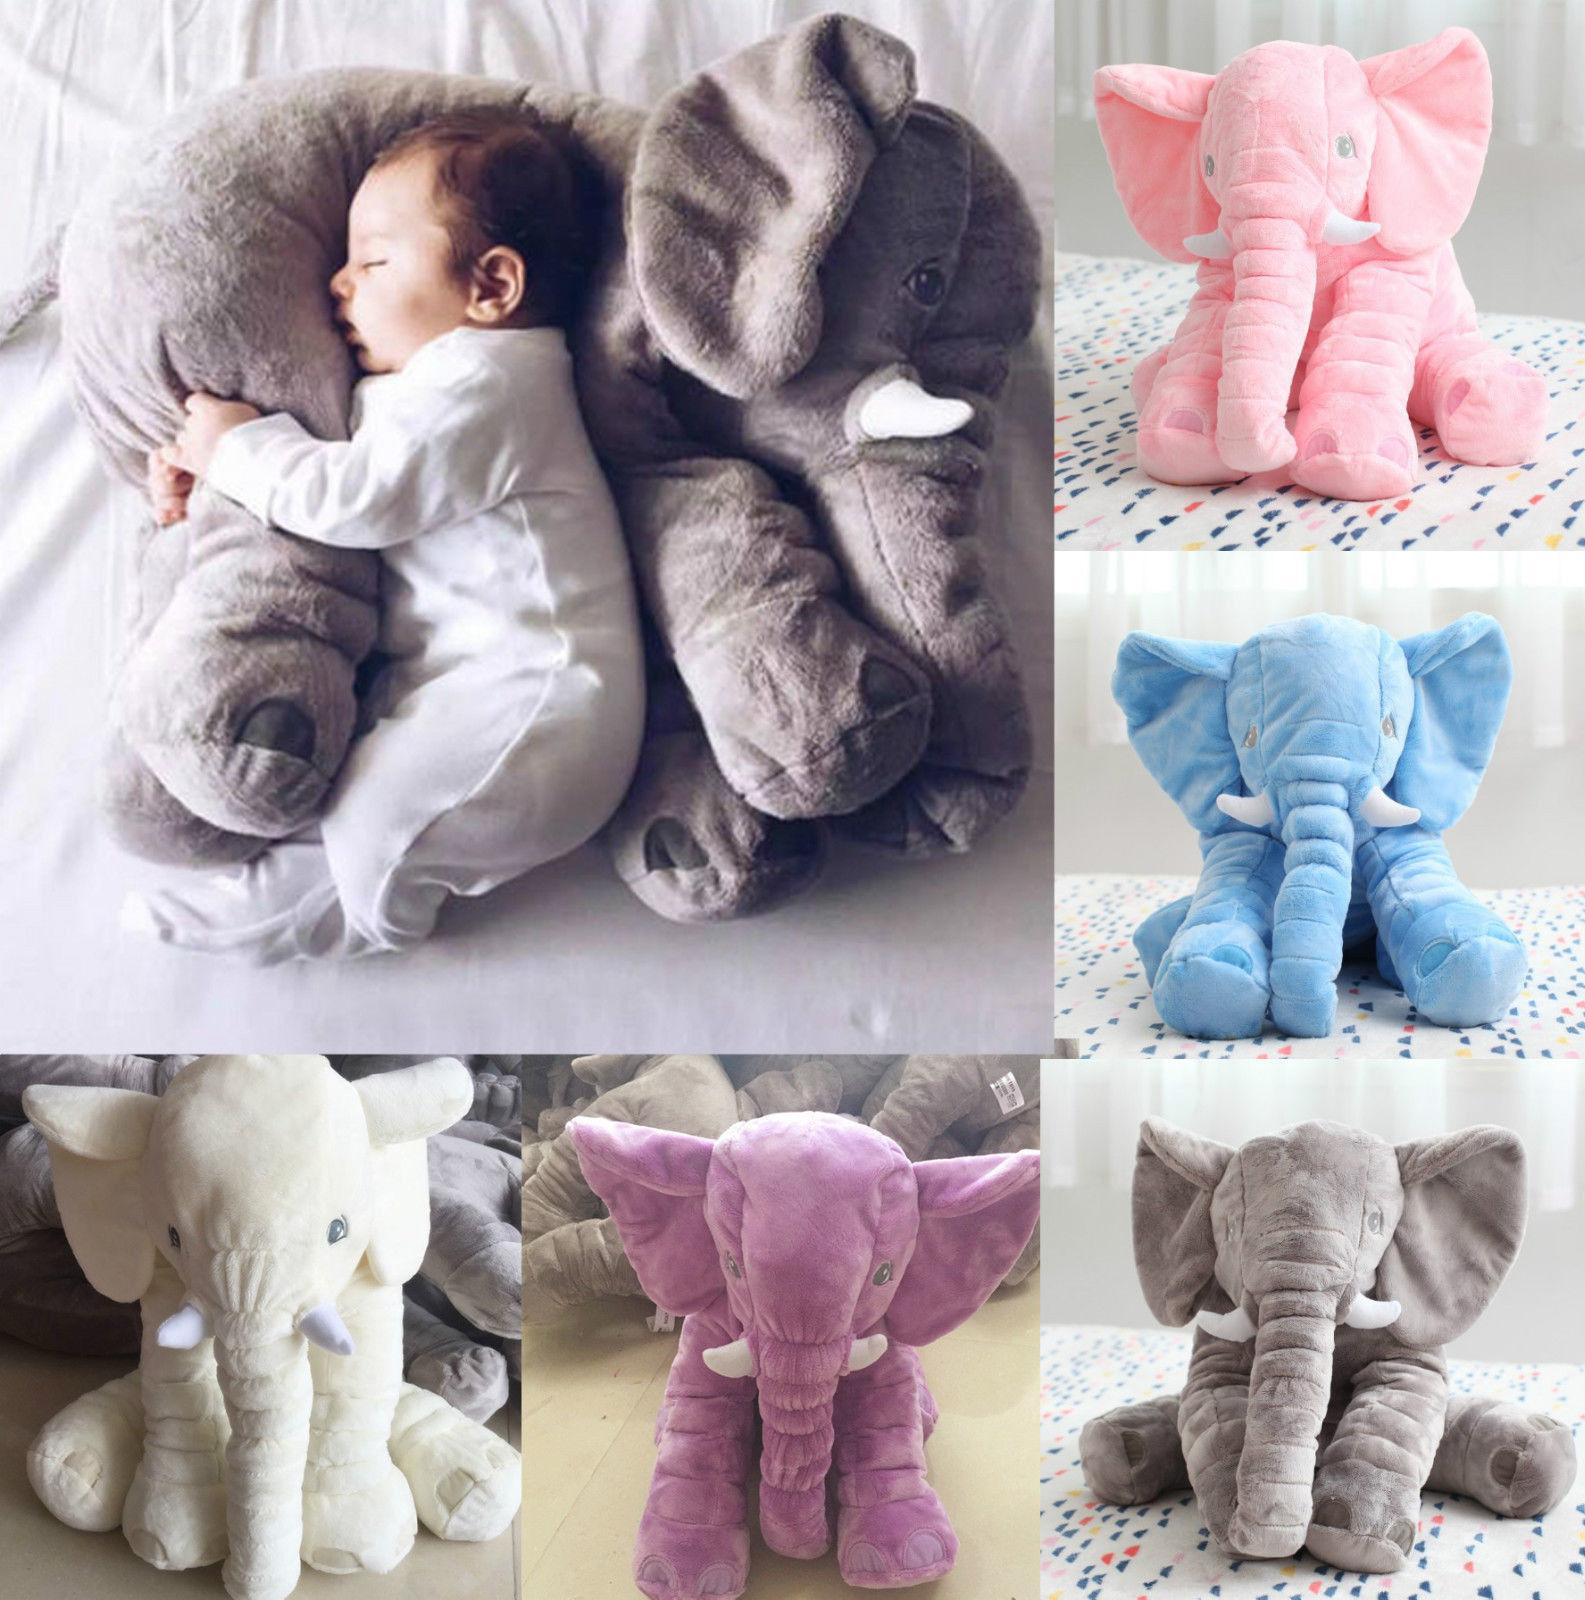 Длинный нос слона кукла Подушки детские мягкие плюшевые вещи игрушка поясничного Подушки детские для маленьких детей новый